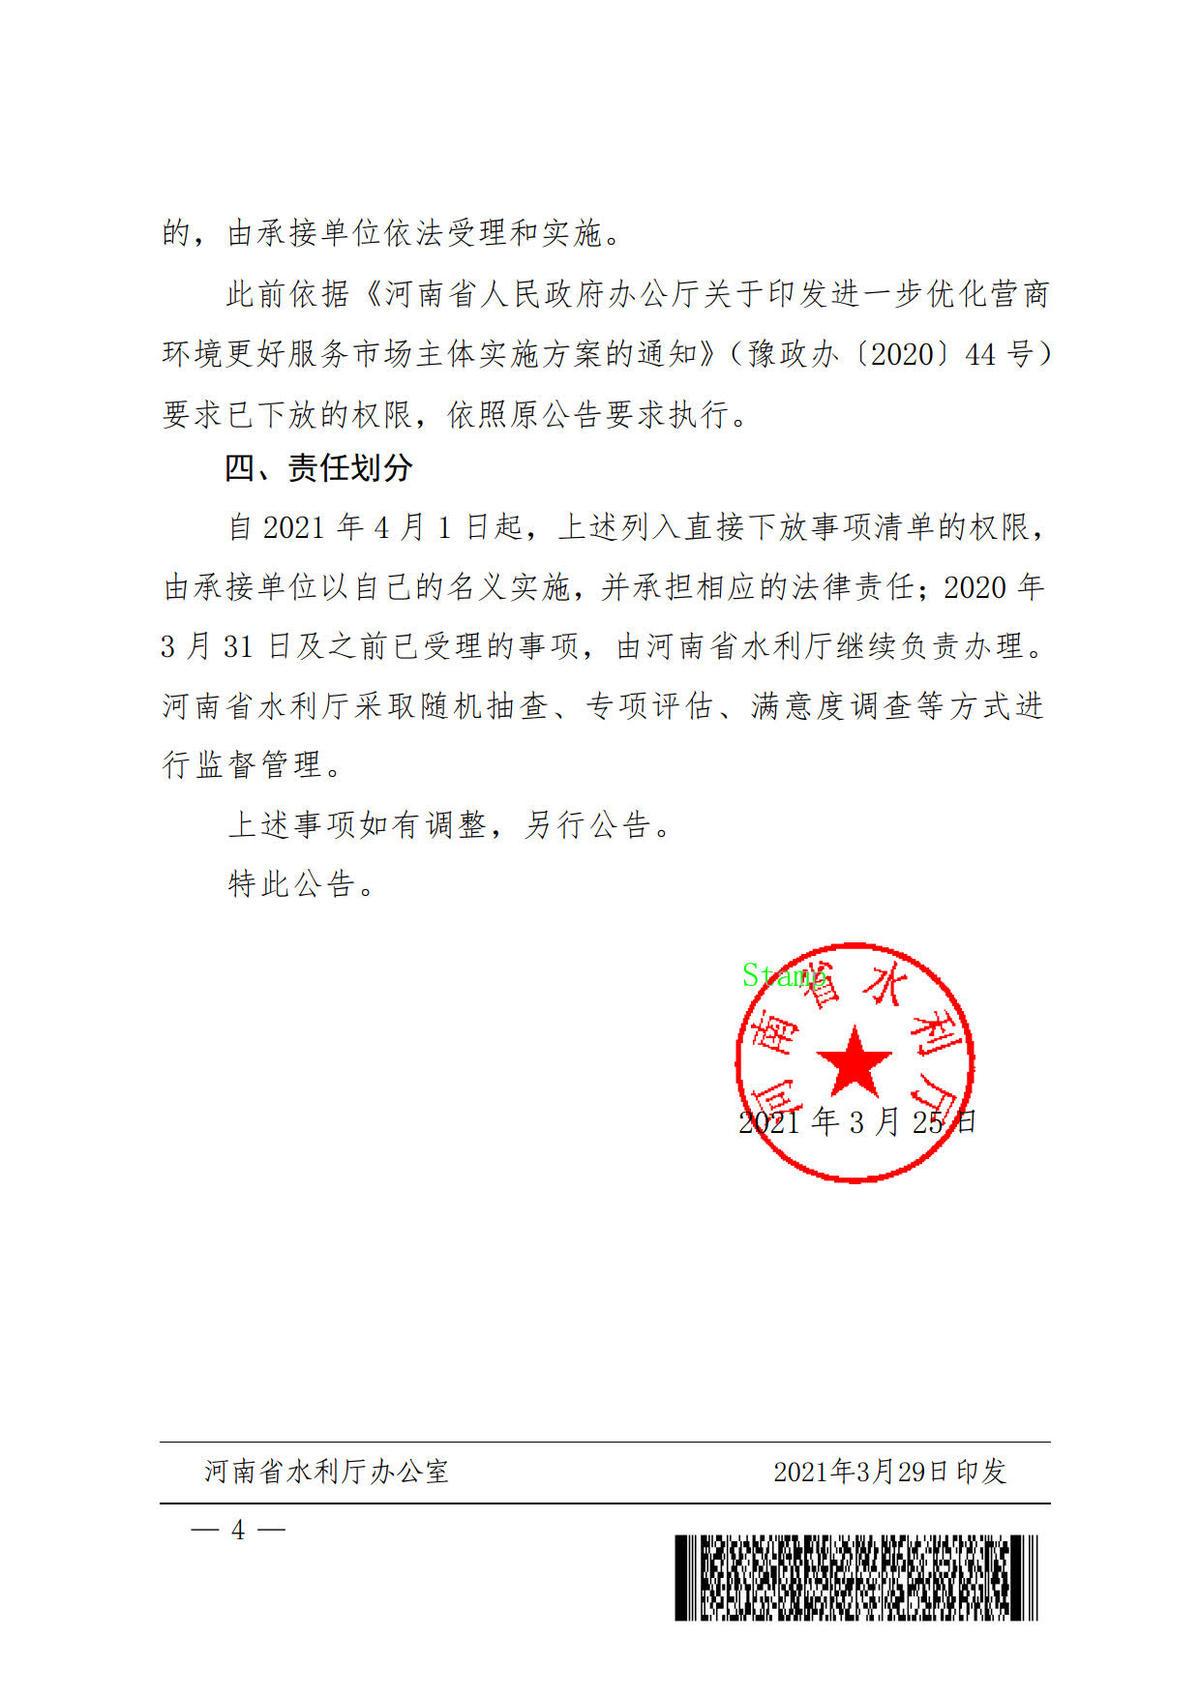 河南省水利厅关于调整权责清单事项的公告